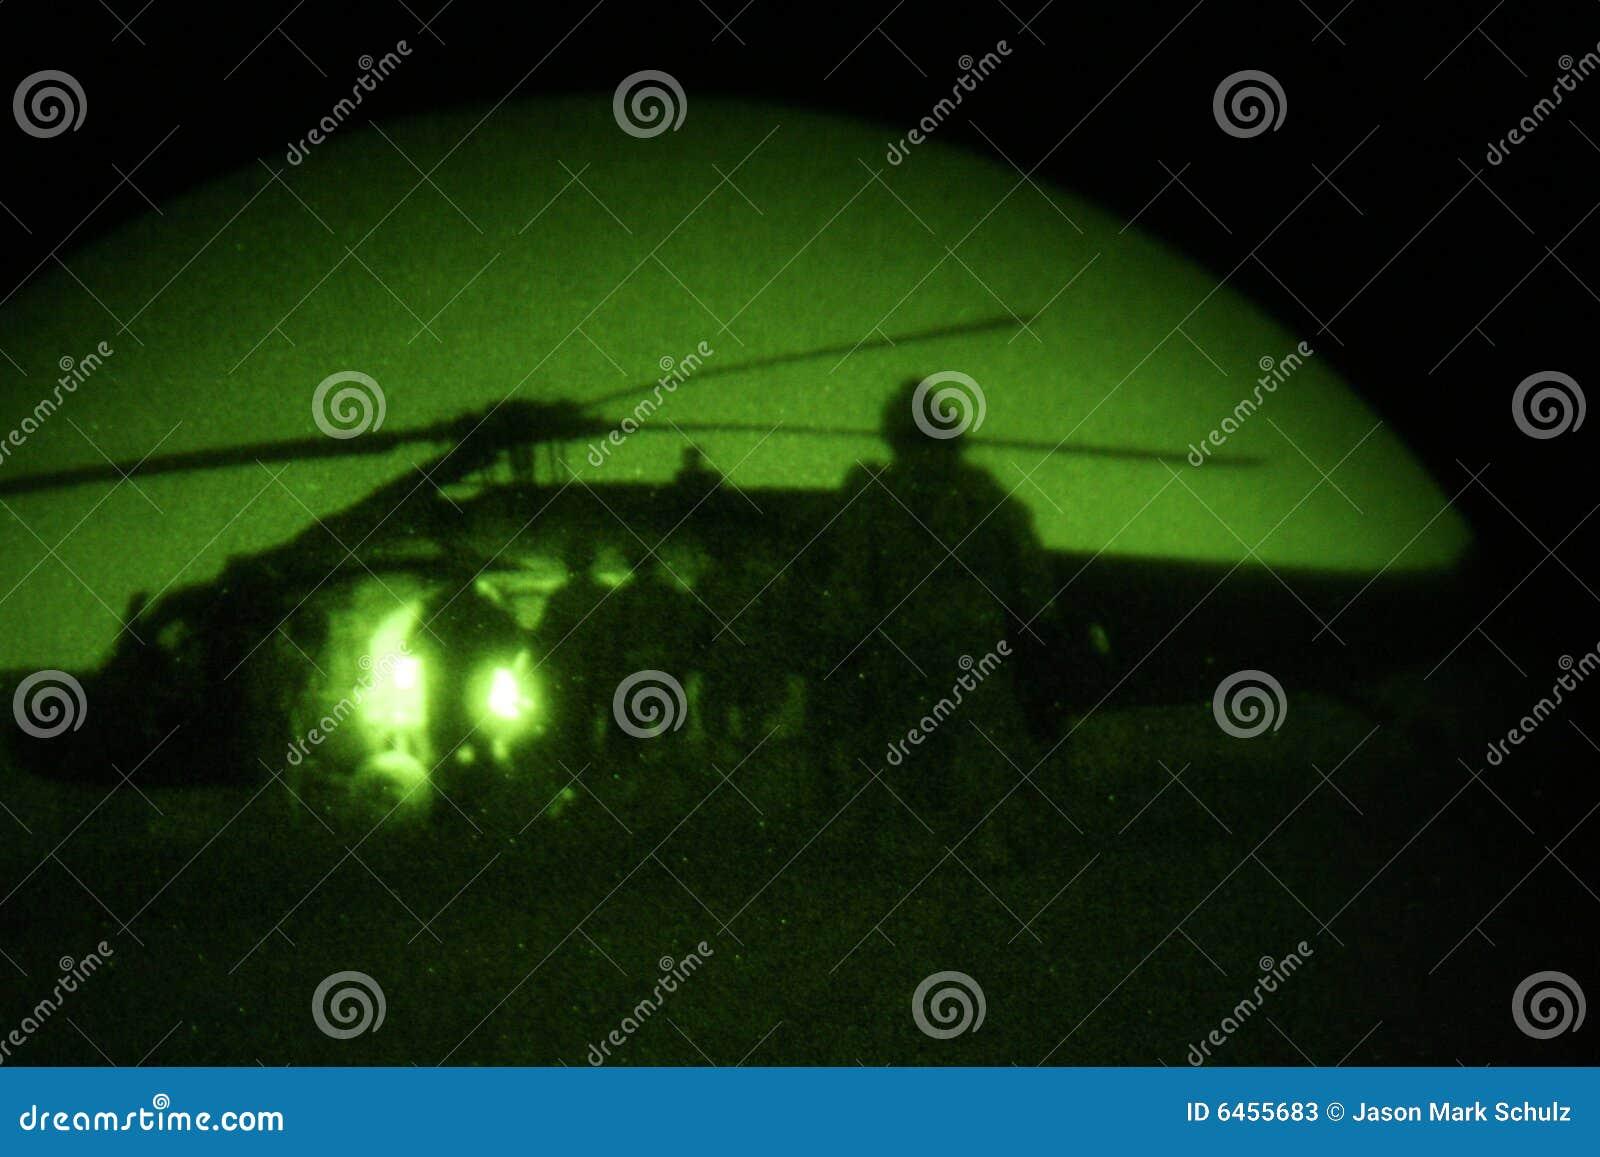 Helikopter nocy żołnierze obciążenia